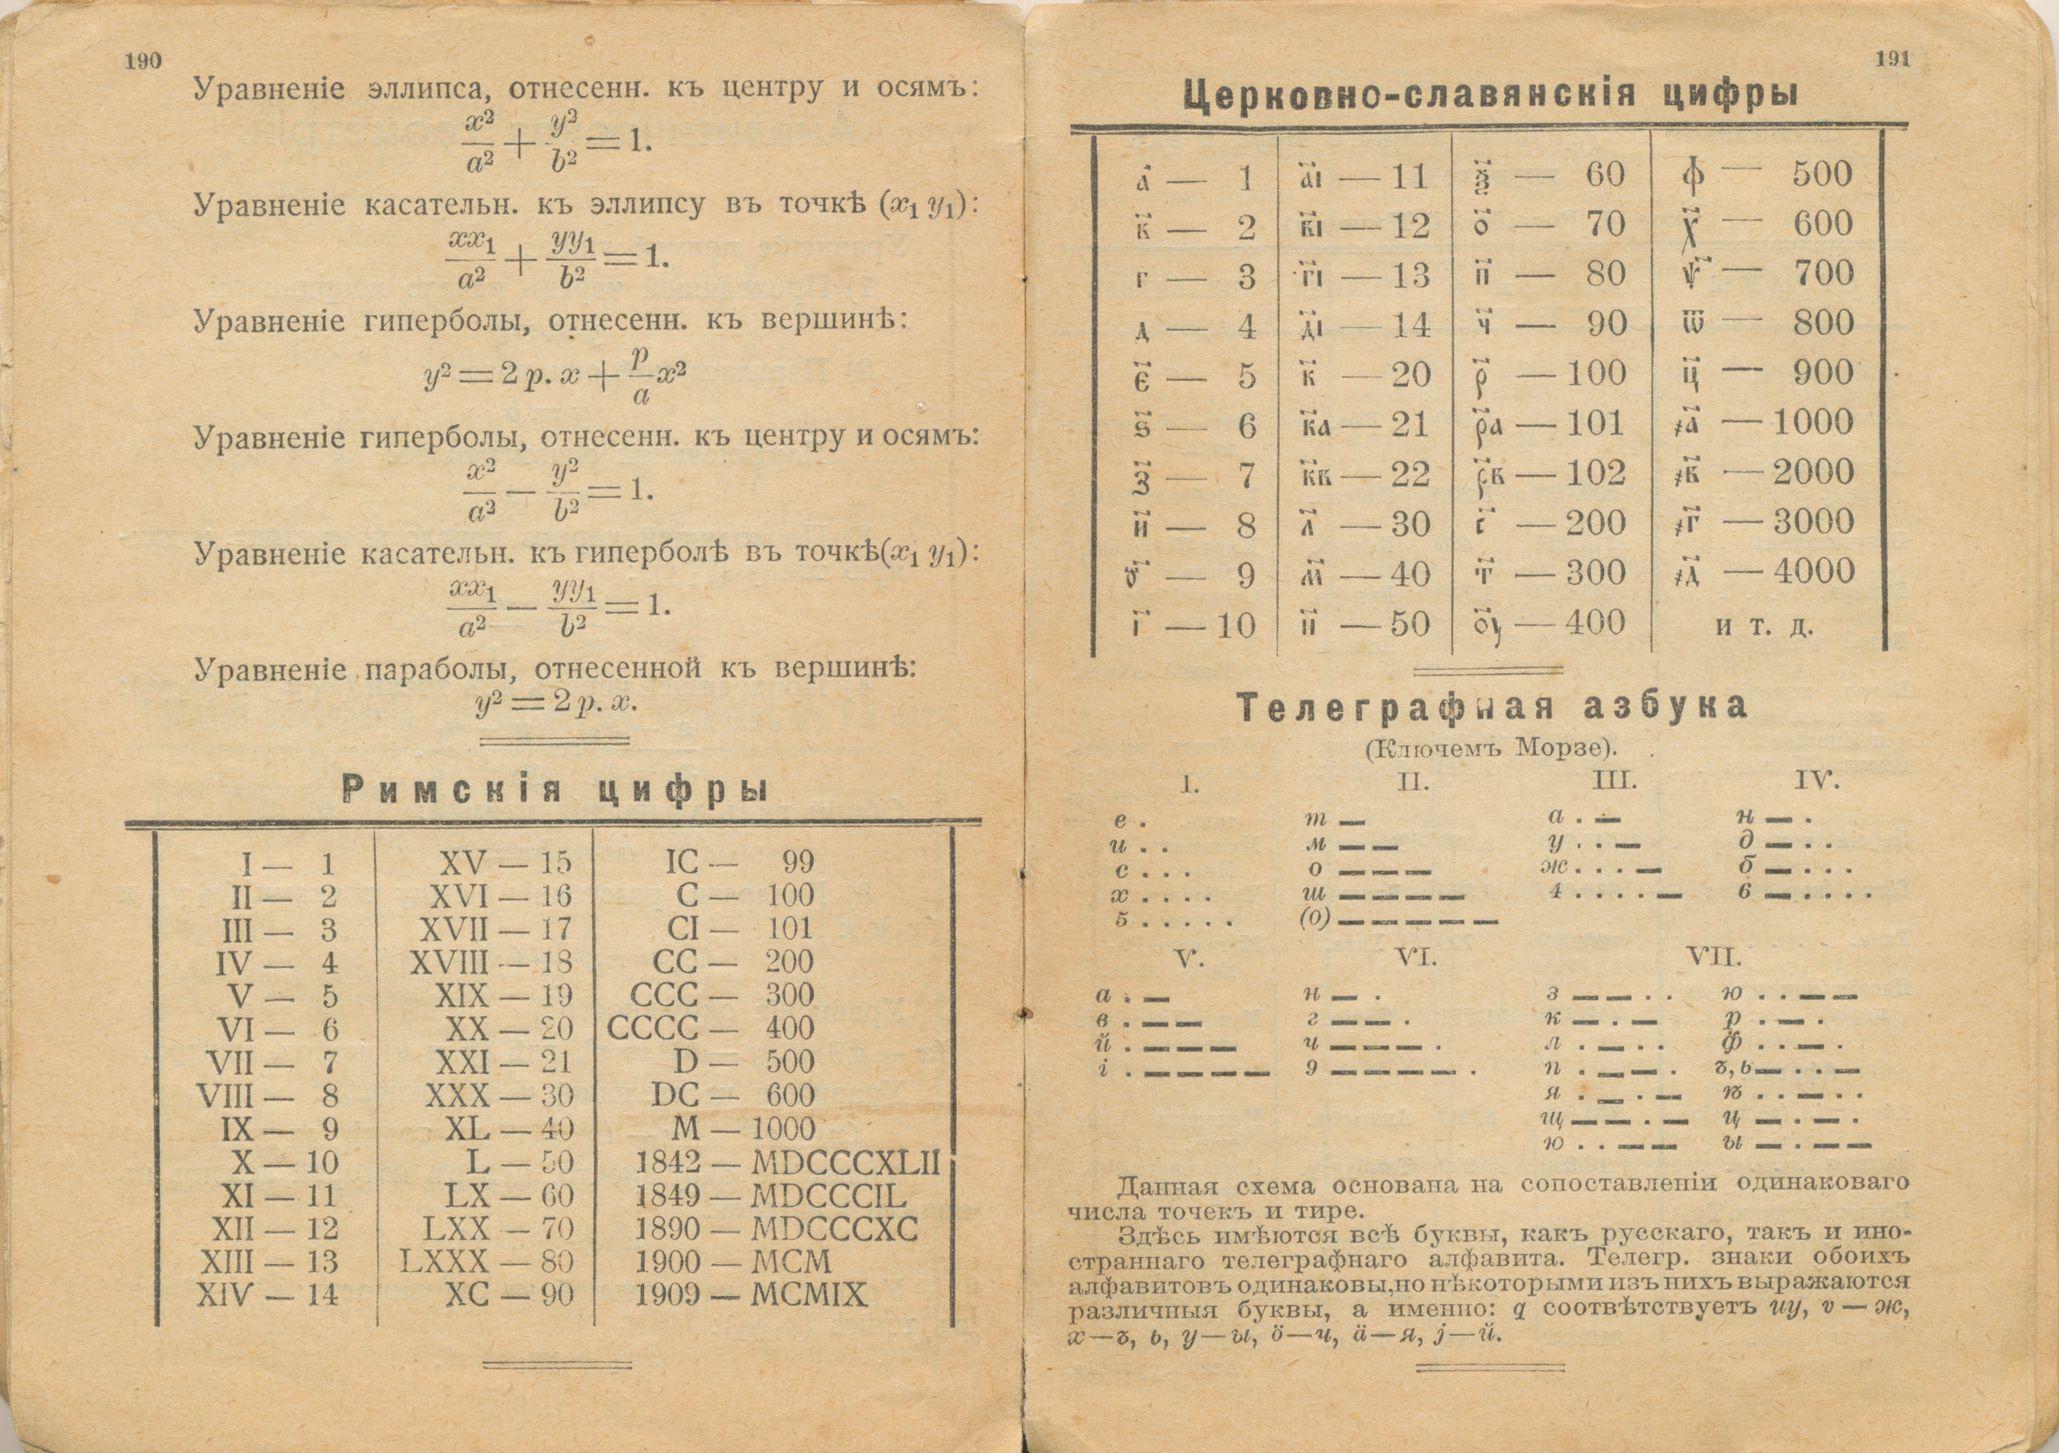 1 сентября 110 лет назад: тригонометрия, курс доллара и бенгальские огни - 11